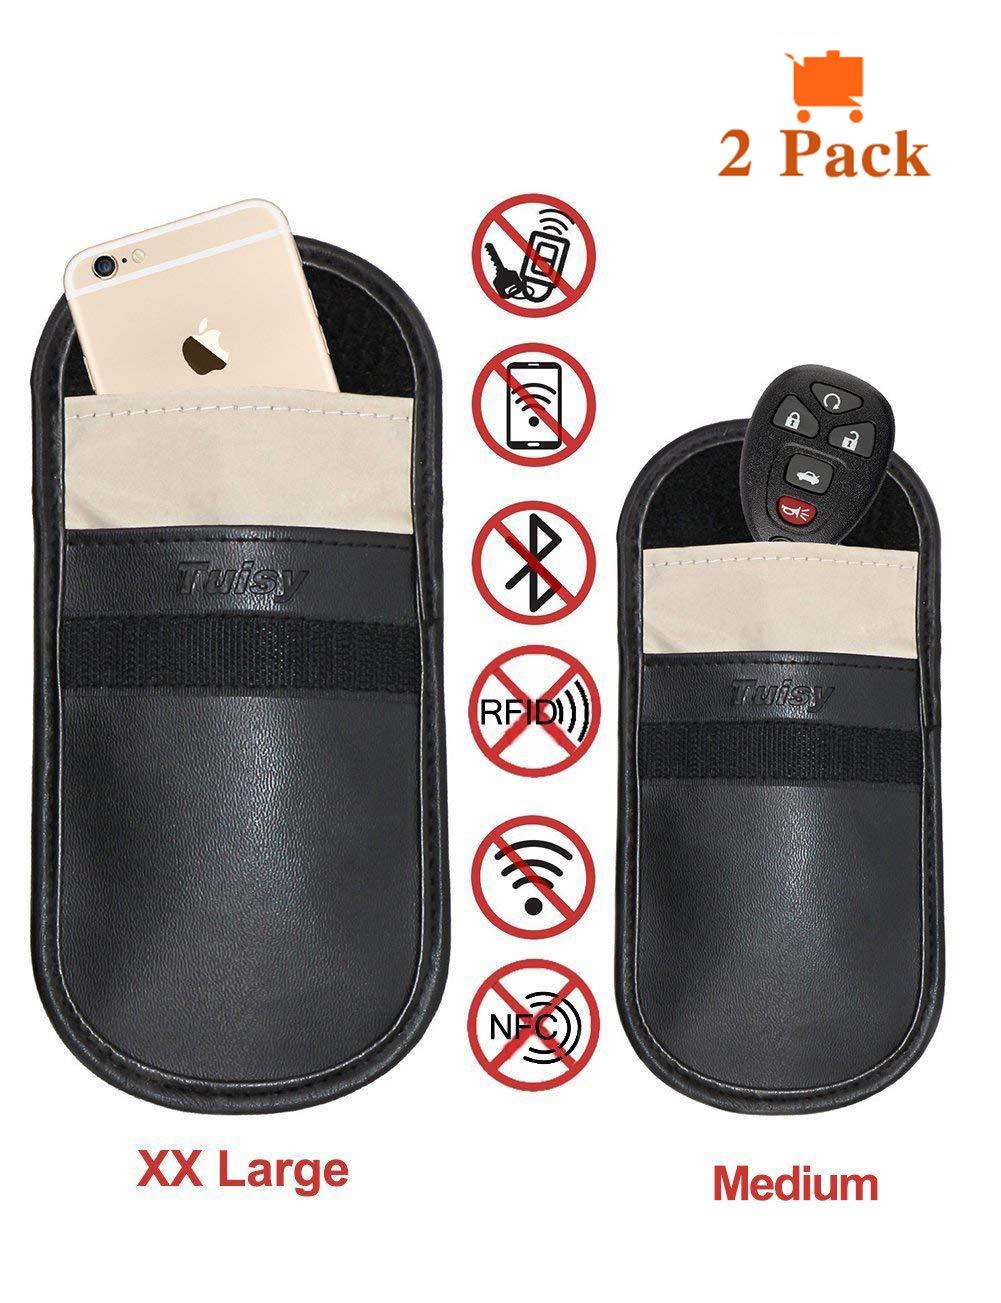 Auto Schlüssel Signal Blocker Tasche - Tuisy Signal Blocker Tasche RFID Schlüsselloser Eintritt Fob Schutz Strahlung Schild Tasche für Smartphone Privatsphäre Sicherheit EMF Schutz, Faradaysche Tasche, WIFI/GSM/LTE/NFC Blocker (2-Pack,